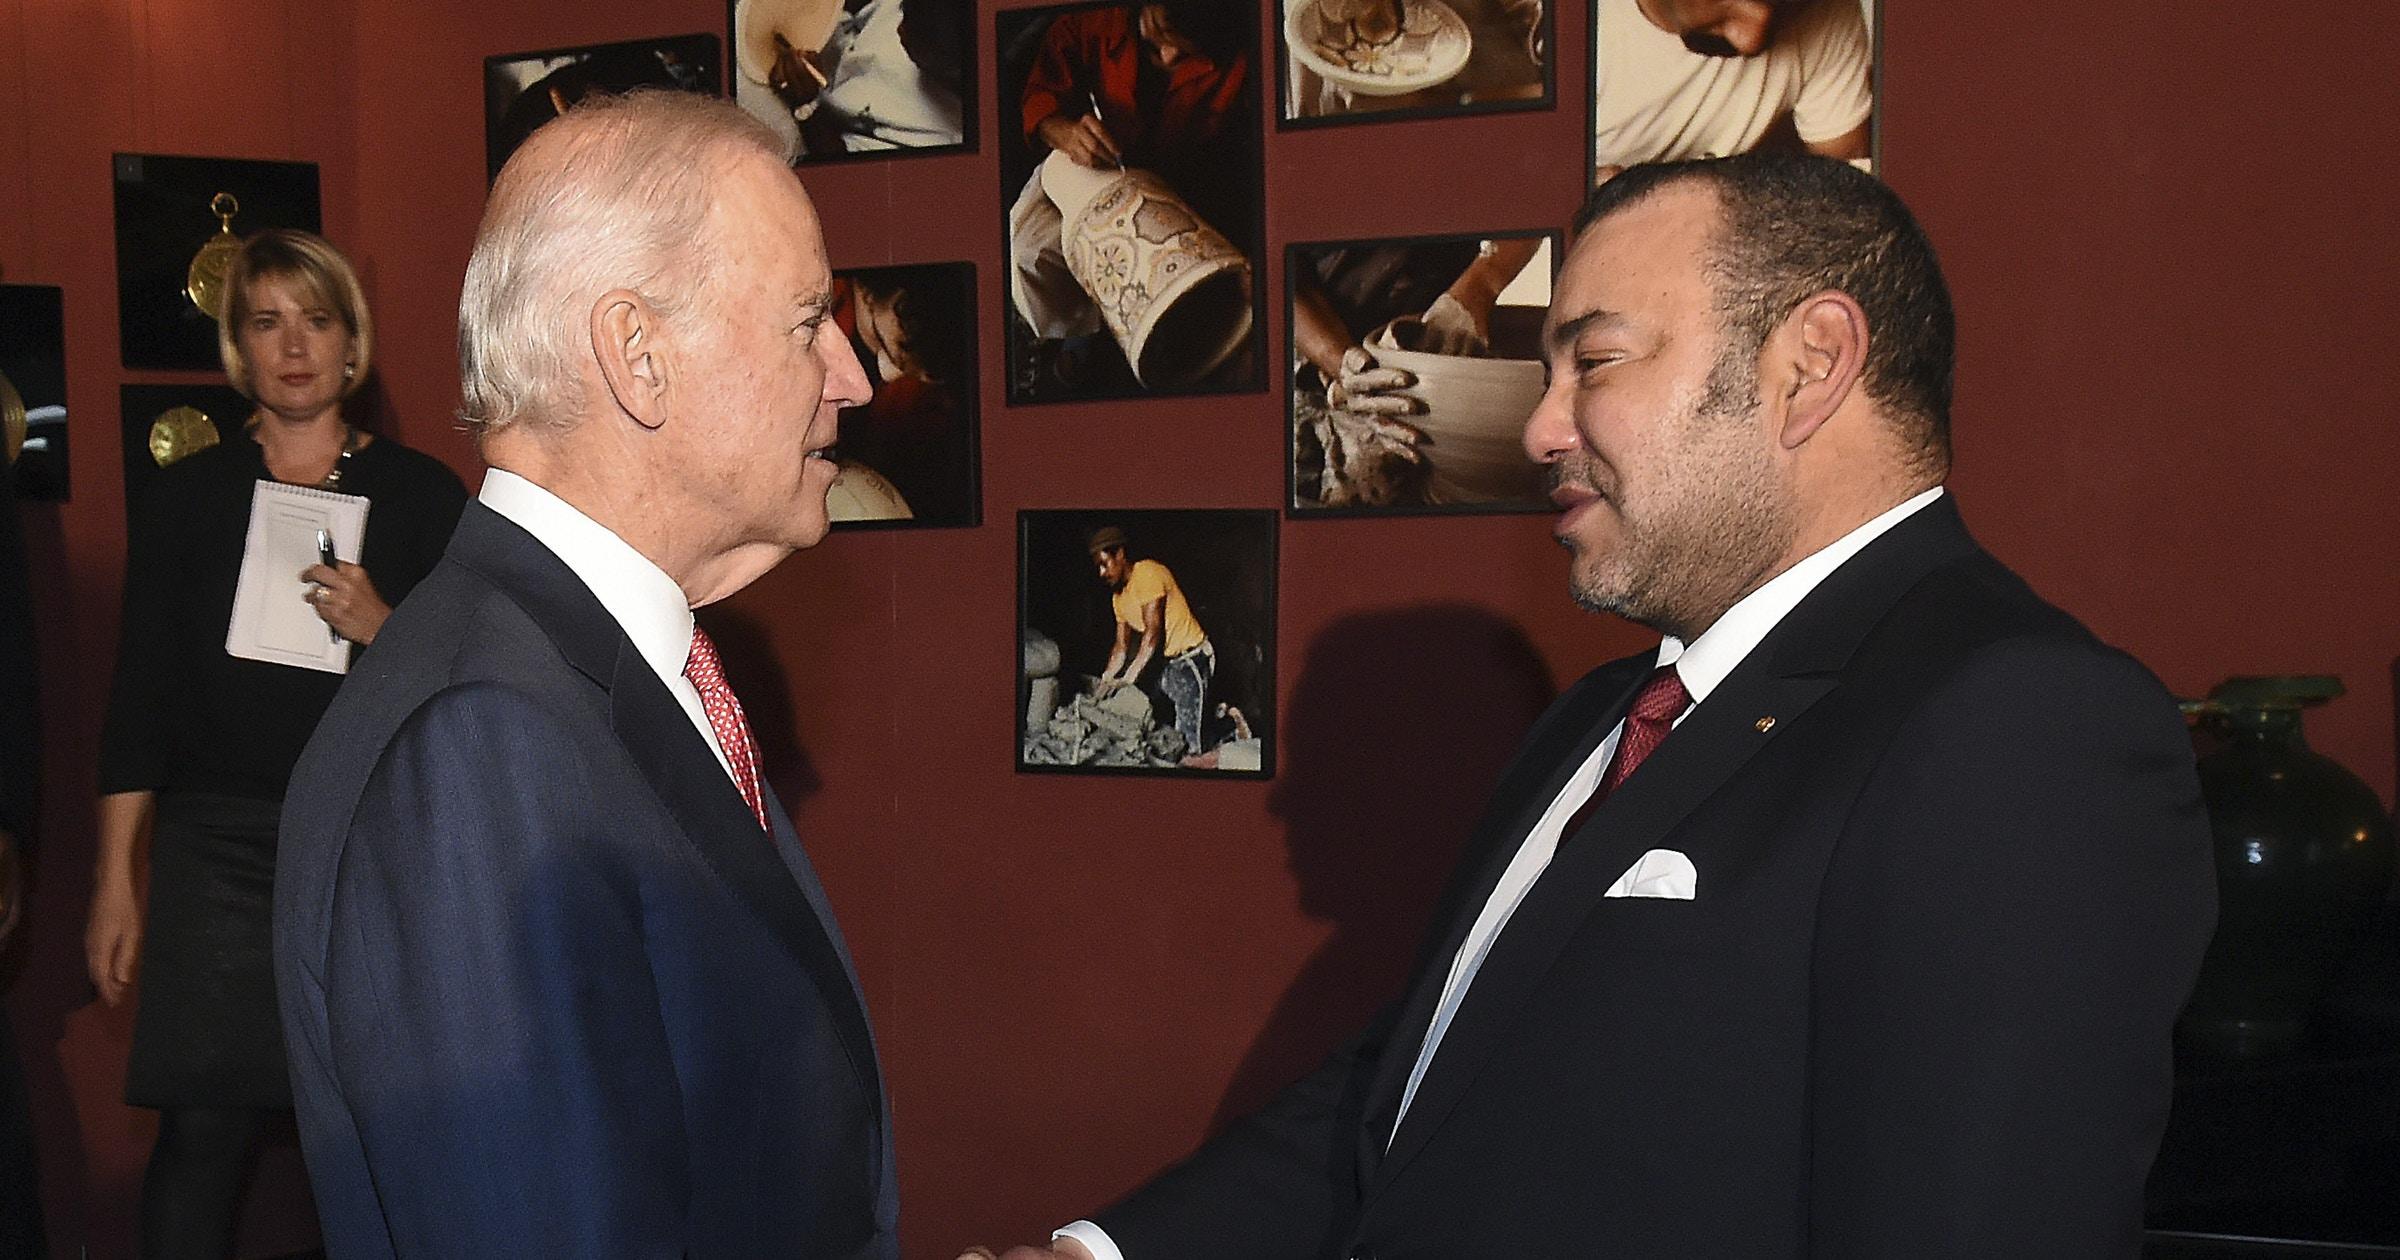 صورة رسميا .. إدارة بايدن لن تتراجع عن قرار ترامب بشأن مغربية الصحراء